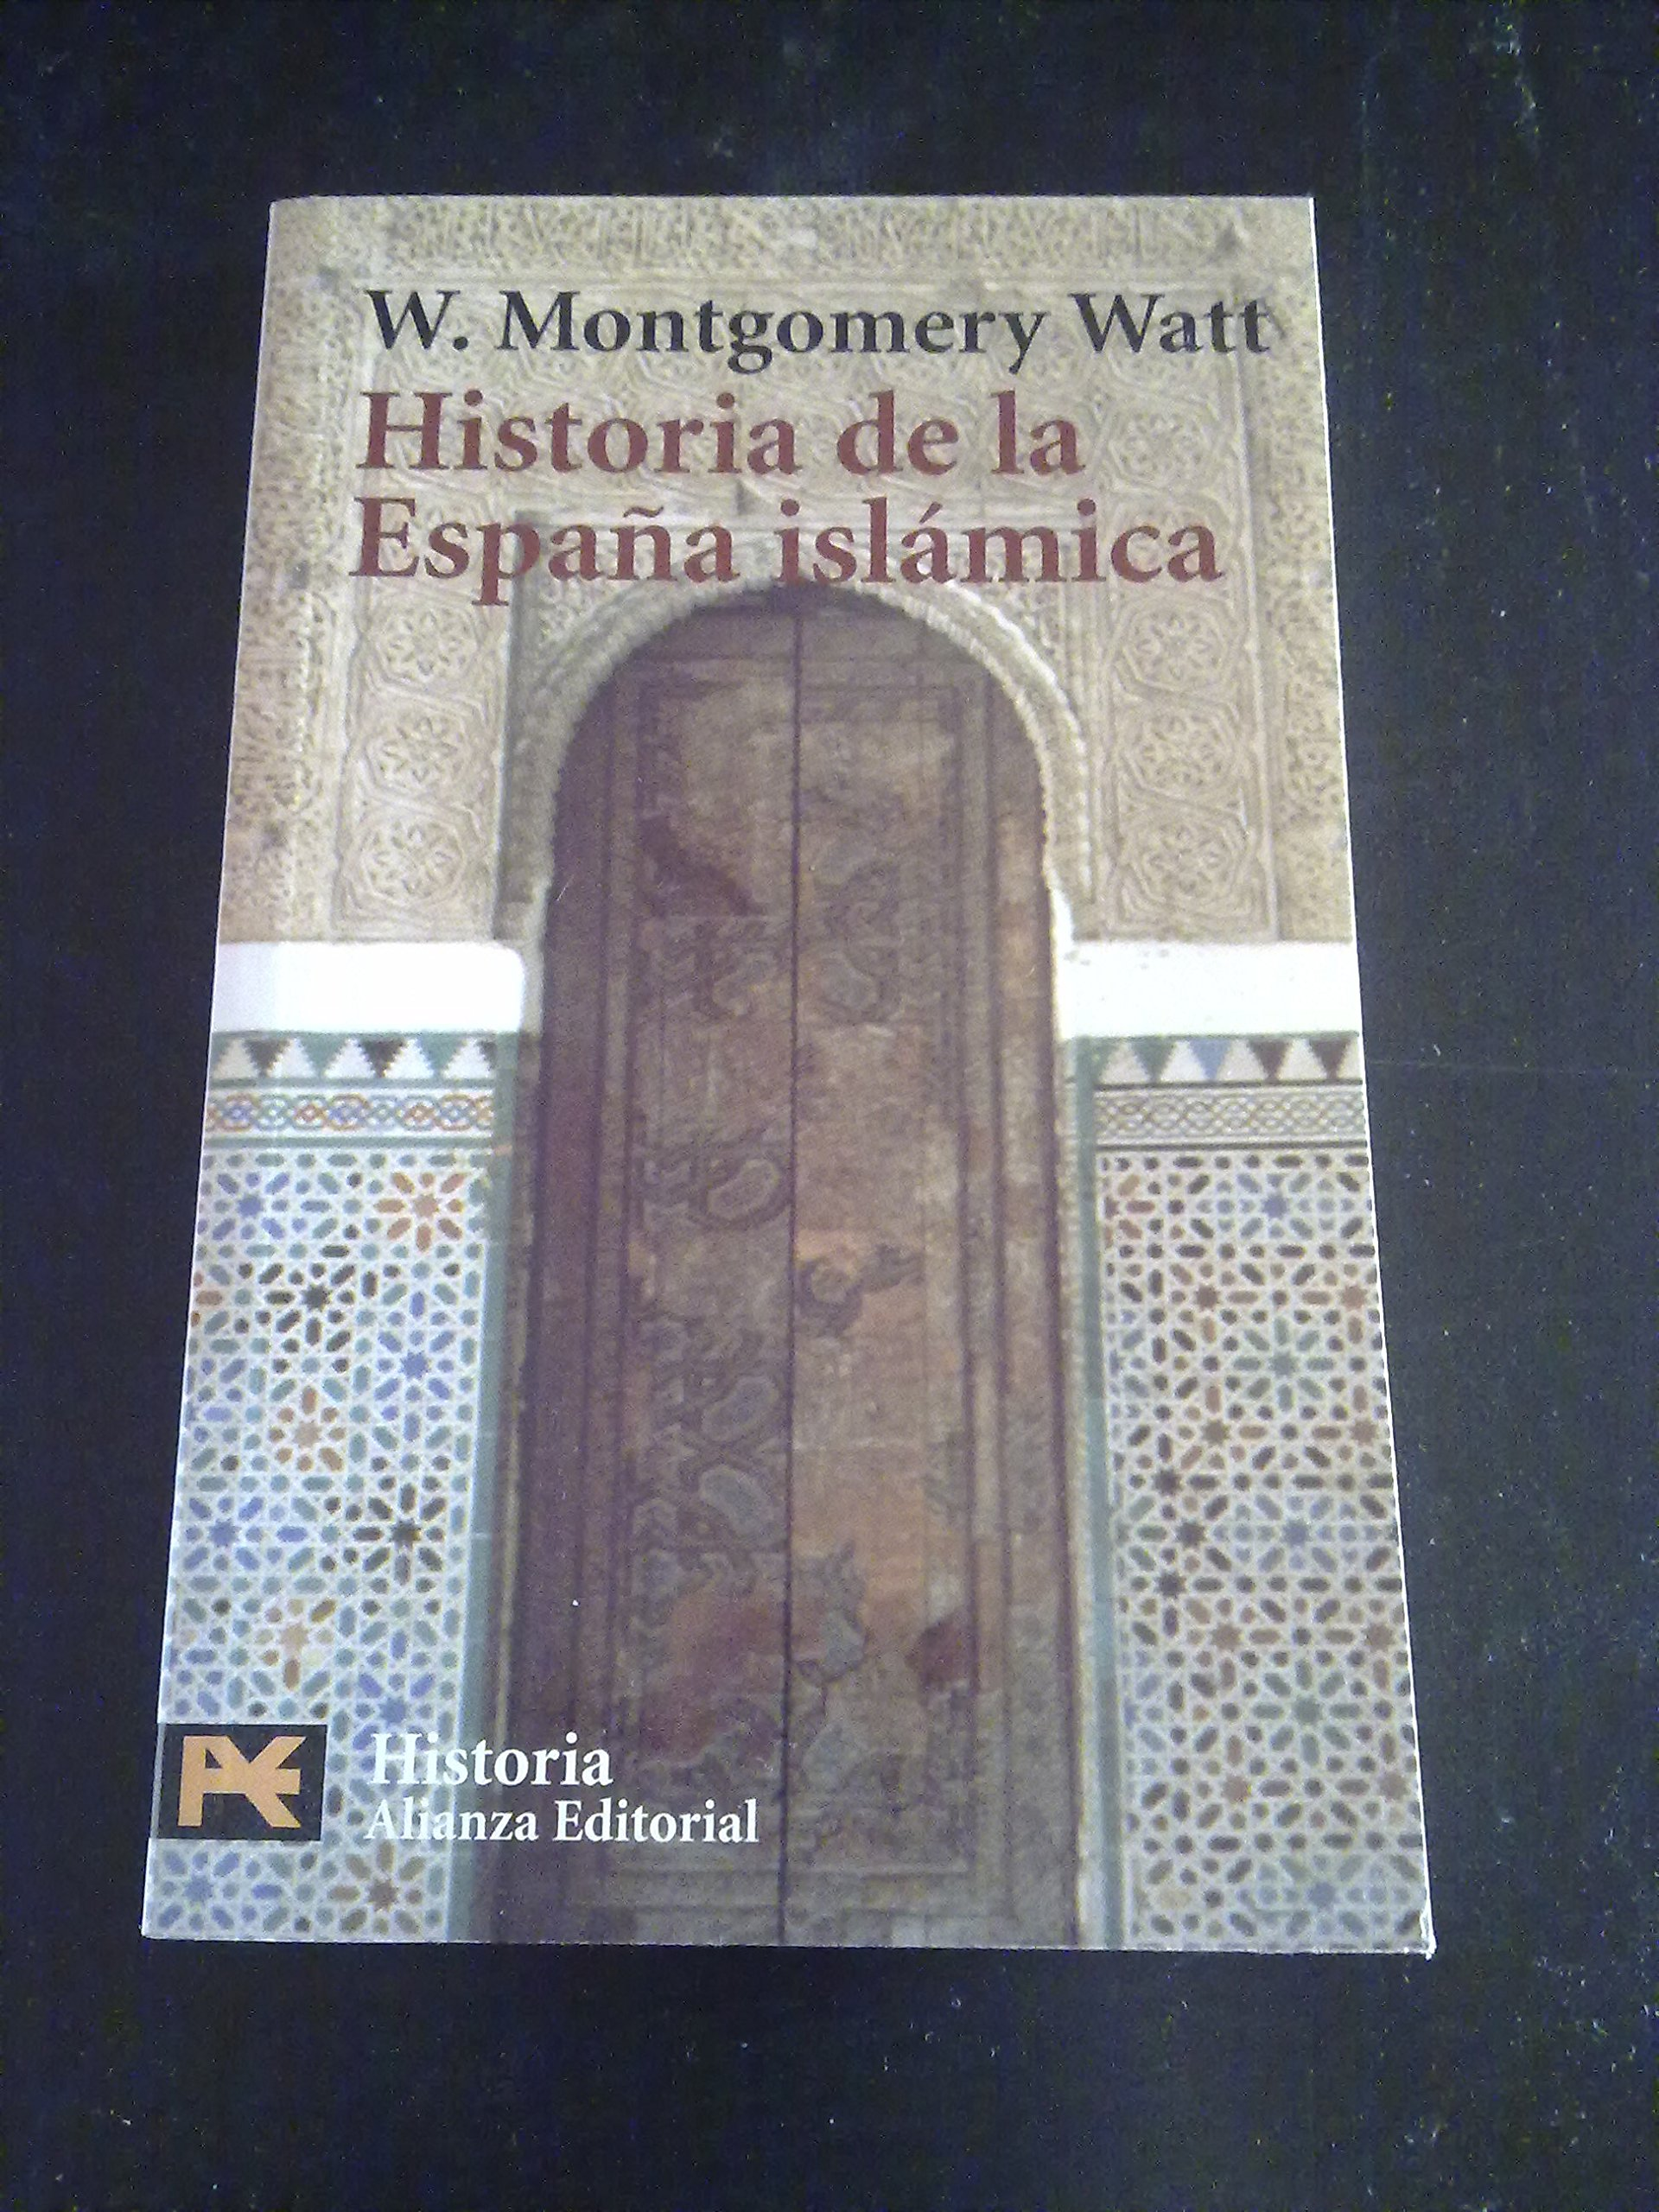 Historia de la España islamica: Amazon.es: Watt, W. Montgomery: Libros